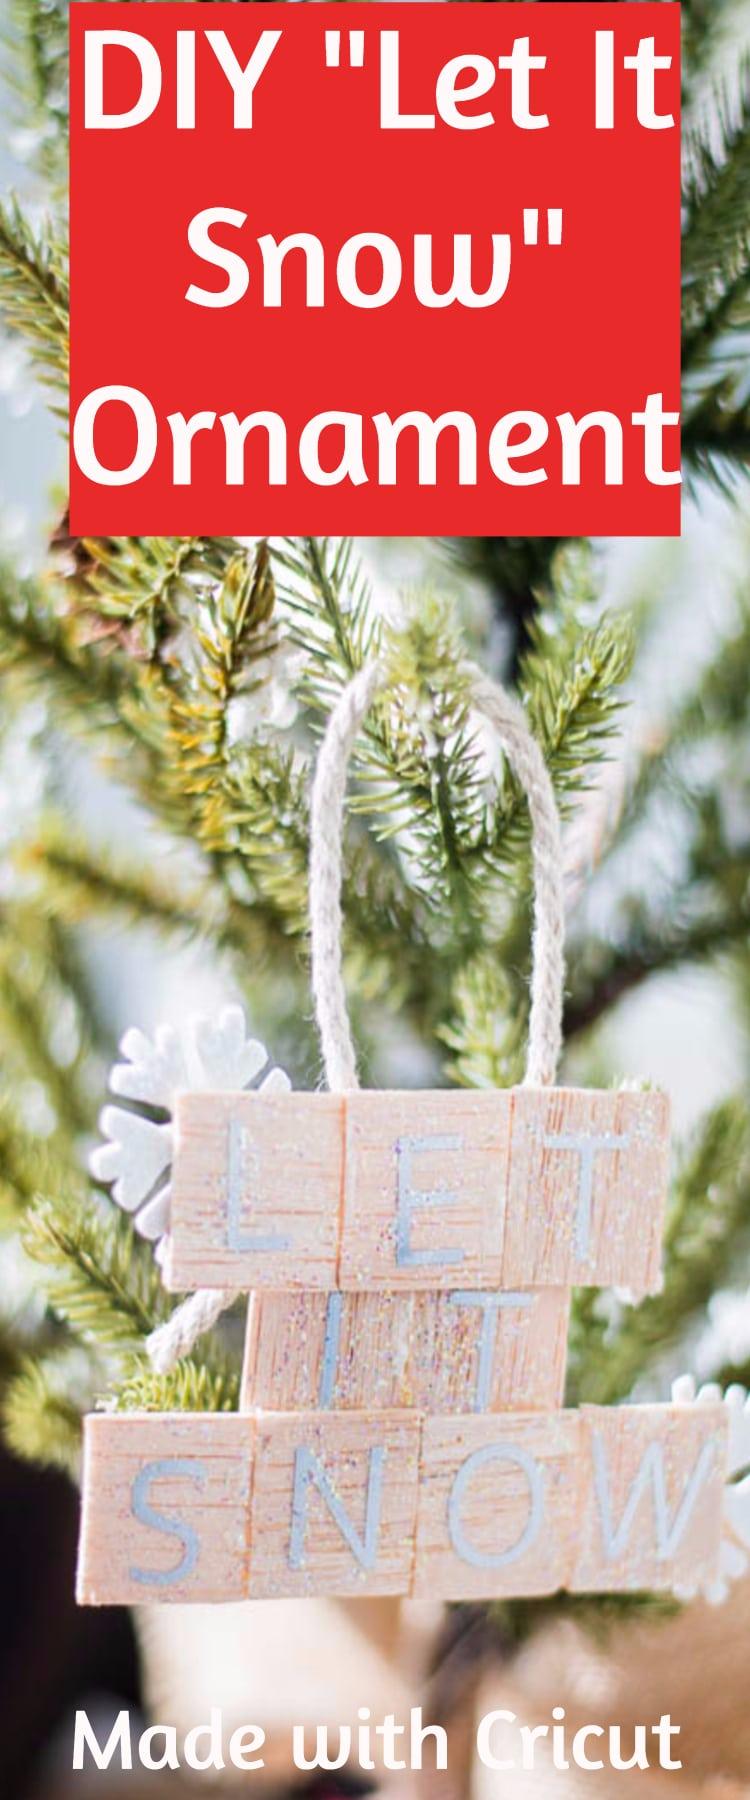 Let it snow ornament / DIY Wood Ornament / Cricut Ornaments / Cricut Crafts / Cricut Christmas / #Cricut #cricutexploreair #cricutmaker #Cricutproject via @clarkscondensed